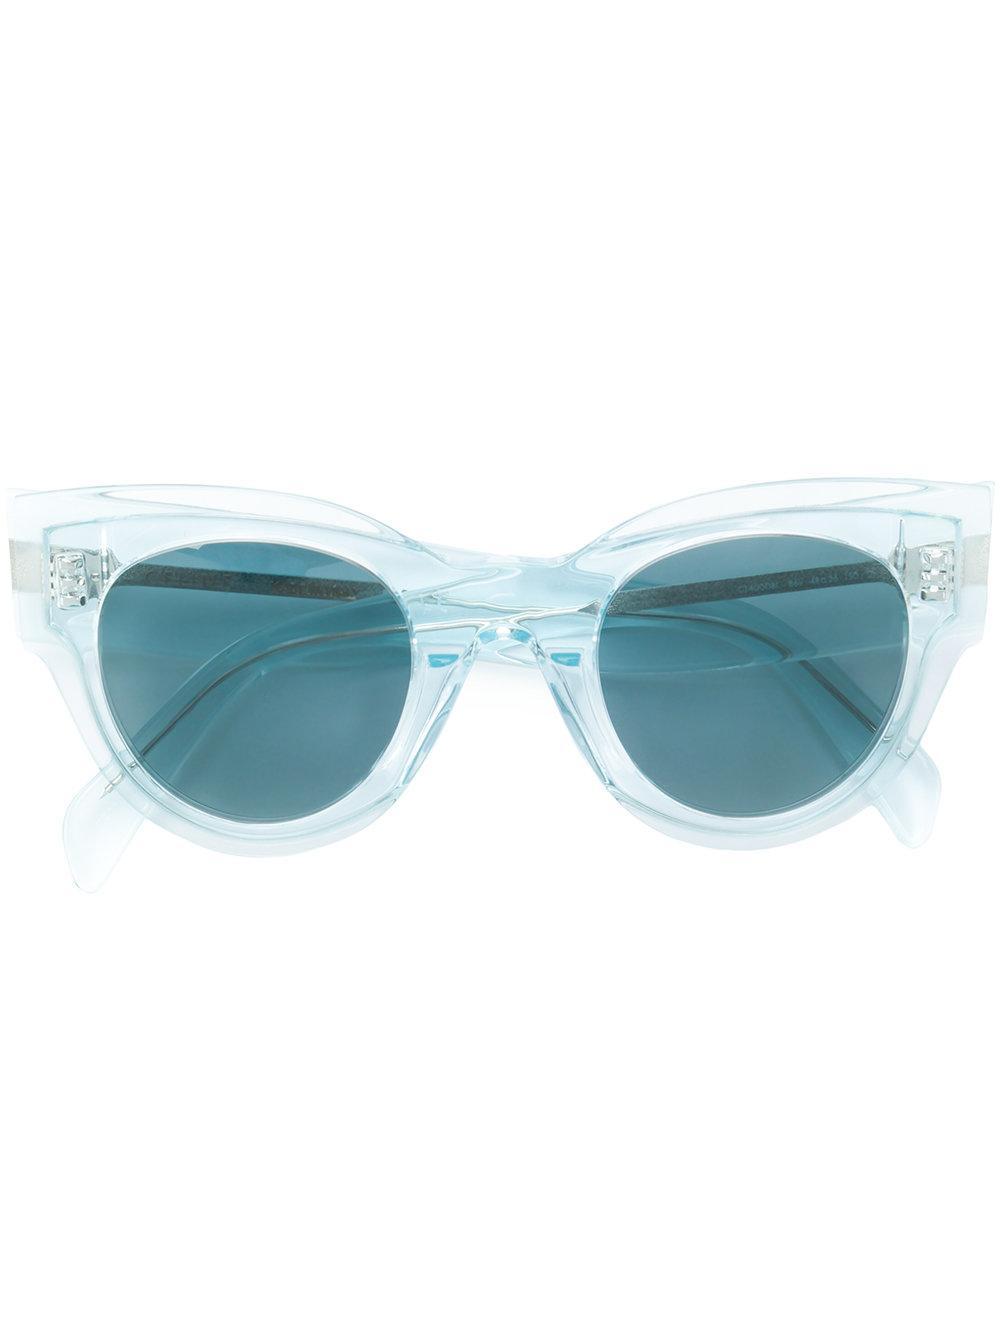 c7a2c40d487 Blue cat eye sunglasses from Céline Eyewear featuring cat eye frames